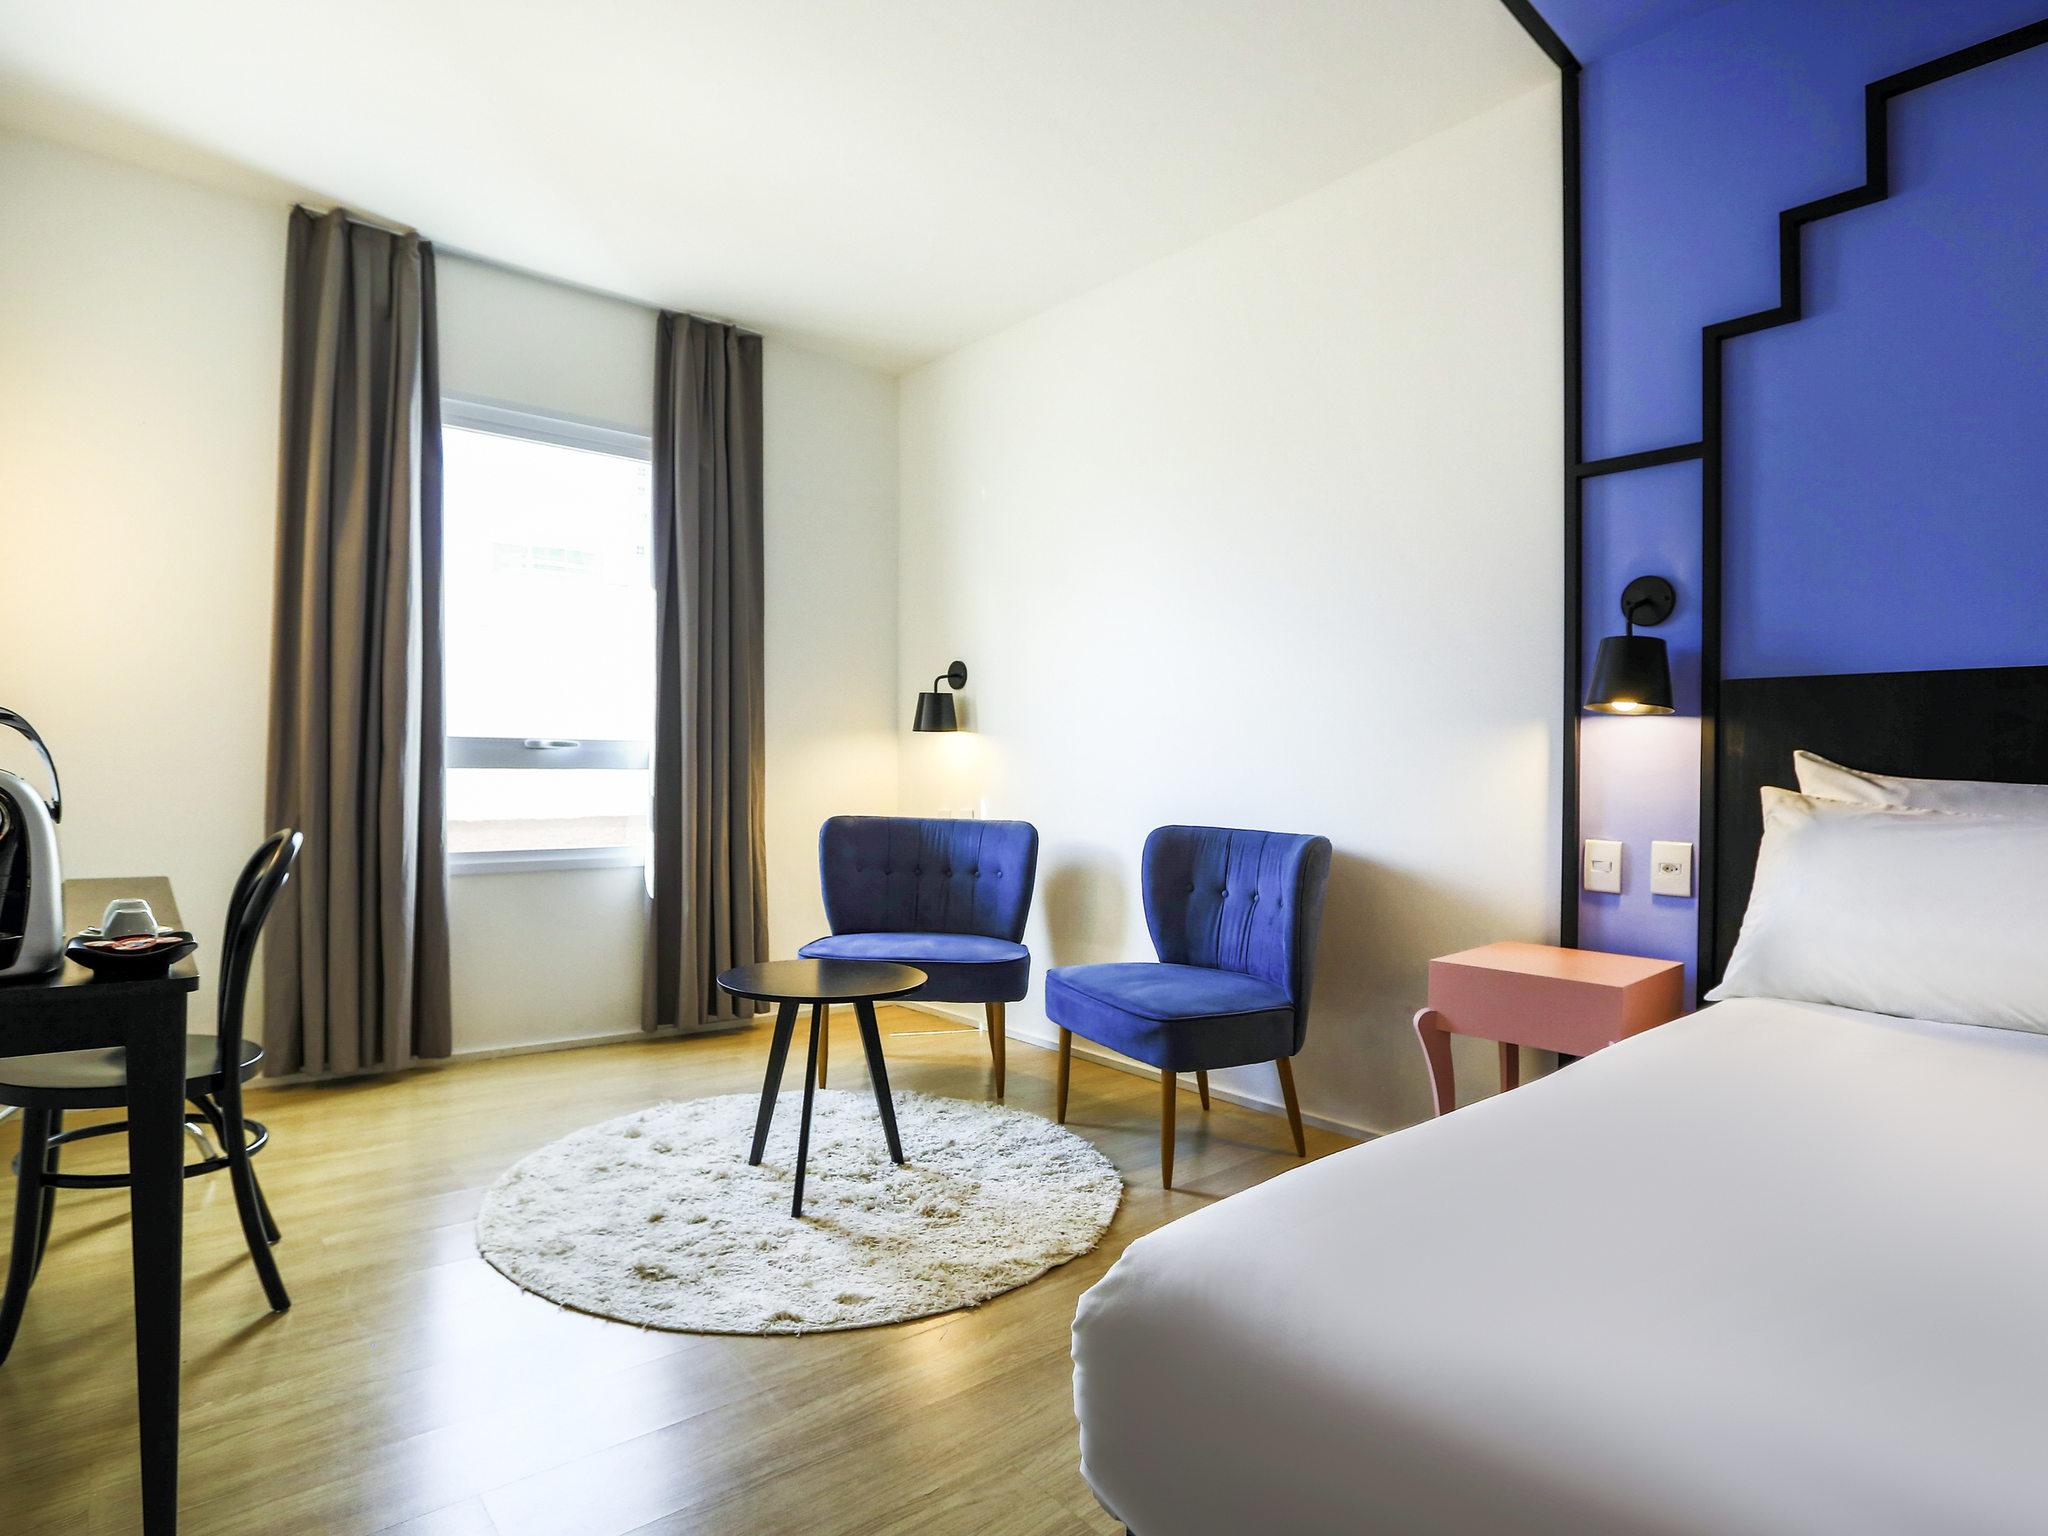 酒店 – 宜必思尚品戈亚尼亚玛瑞斯塔酒店